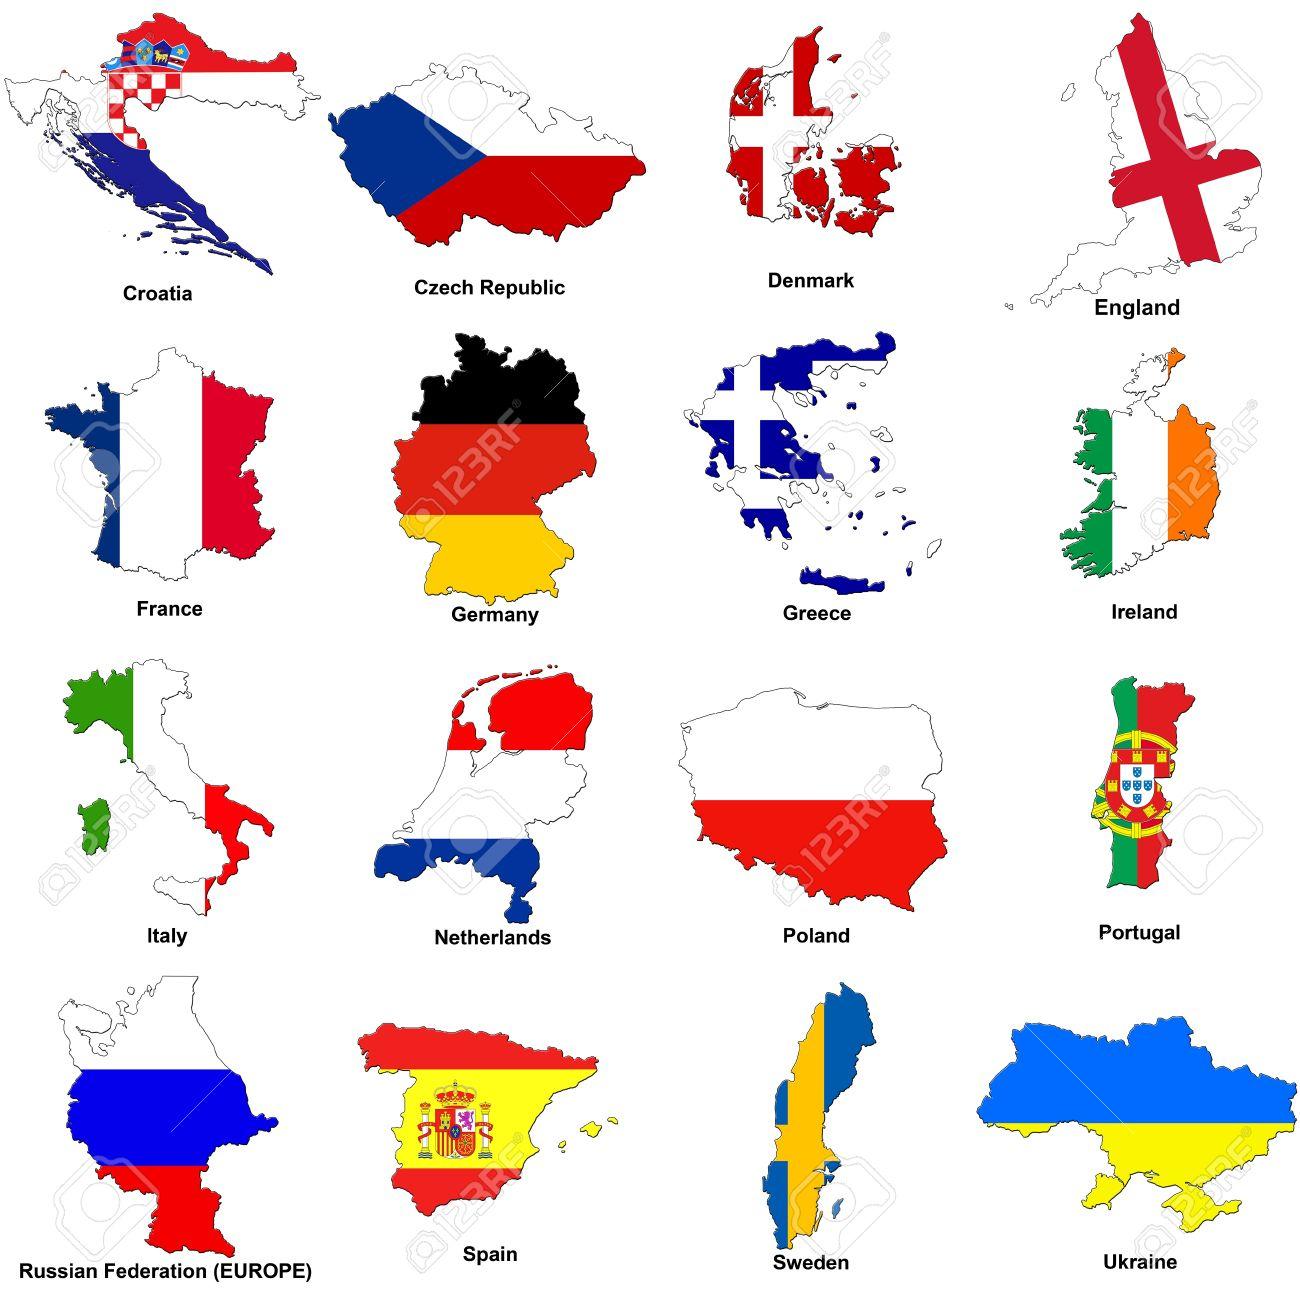 Une Sélection D'images Montrant Les Drapeaux Carte En Forme De Tous Les  Pays Concurrents Du Tournoi 2012 Du Championnat D'europe De Football. concernant Tout Les Pays D Europe